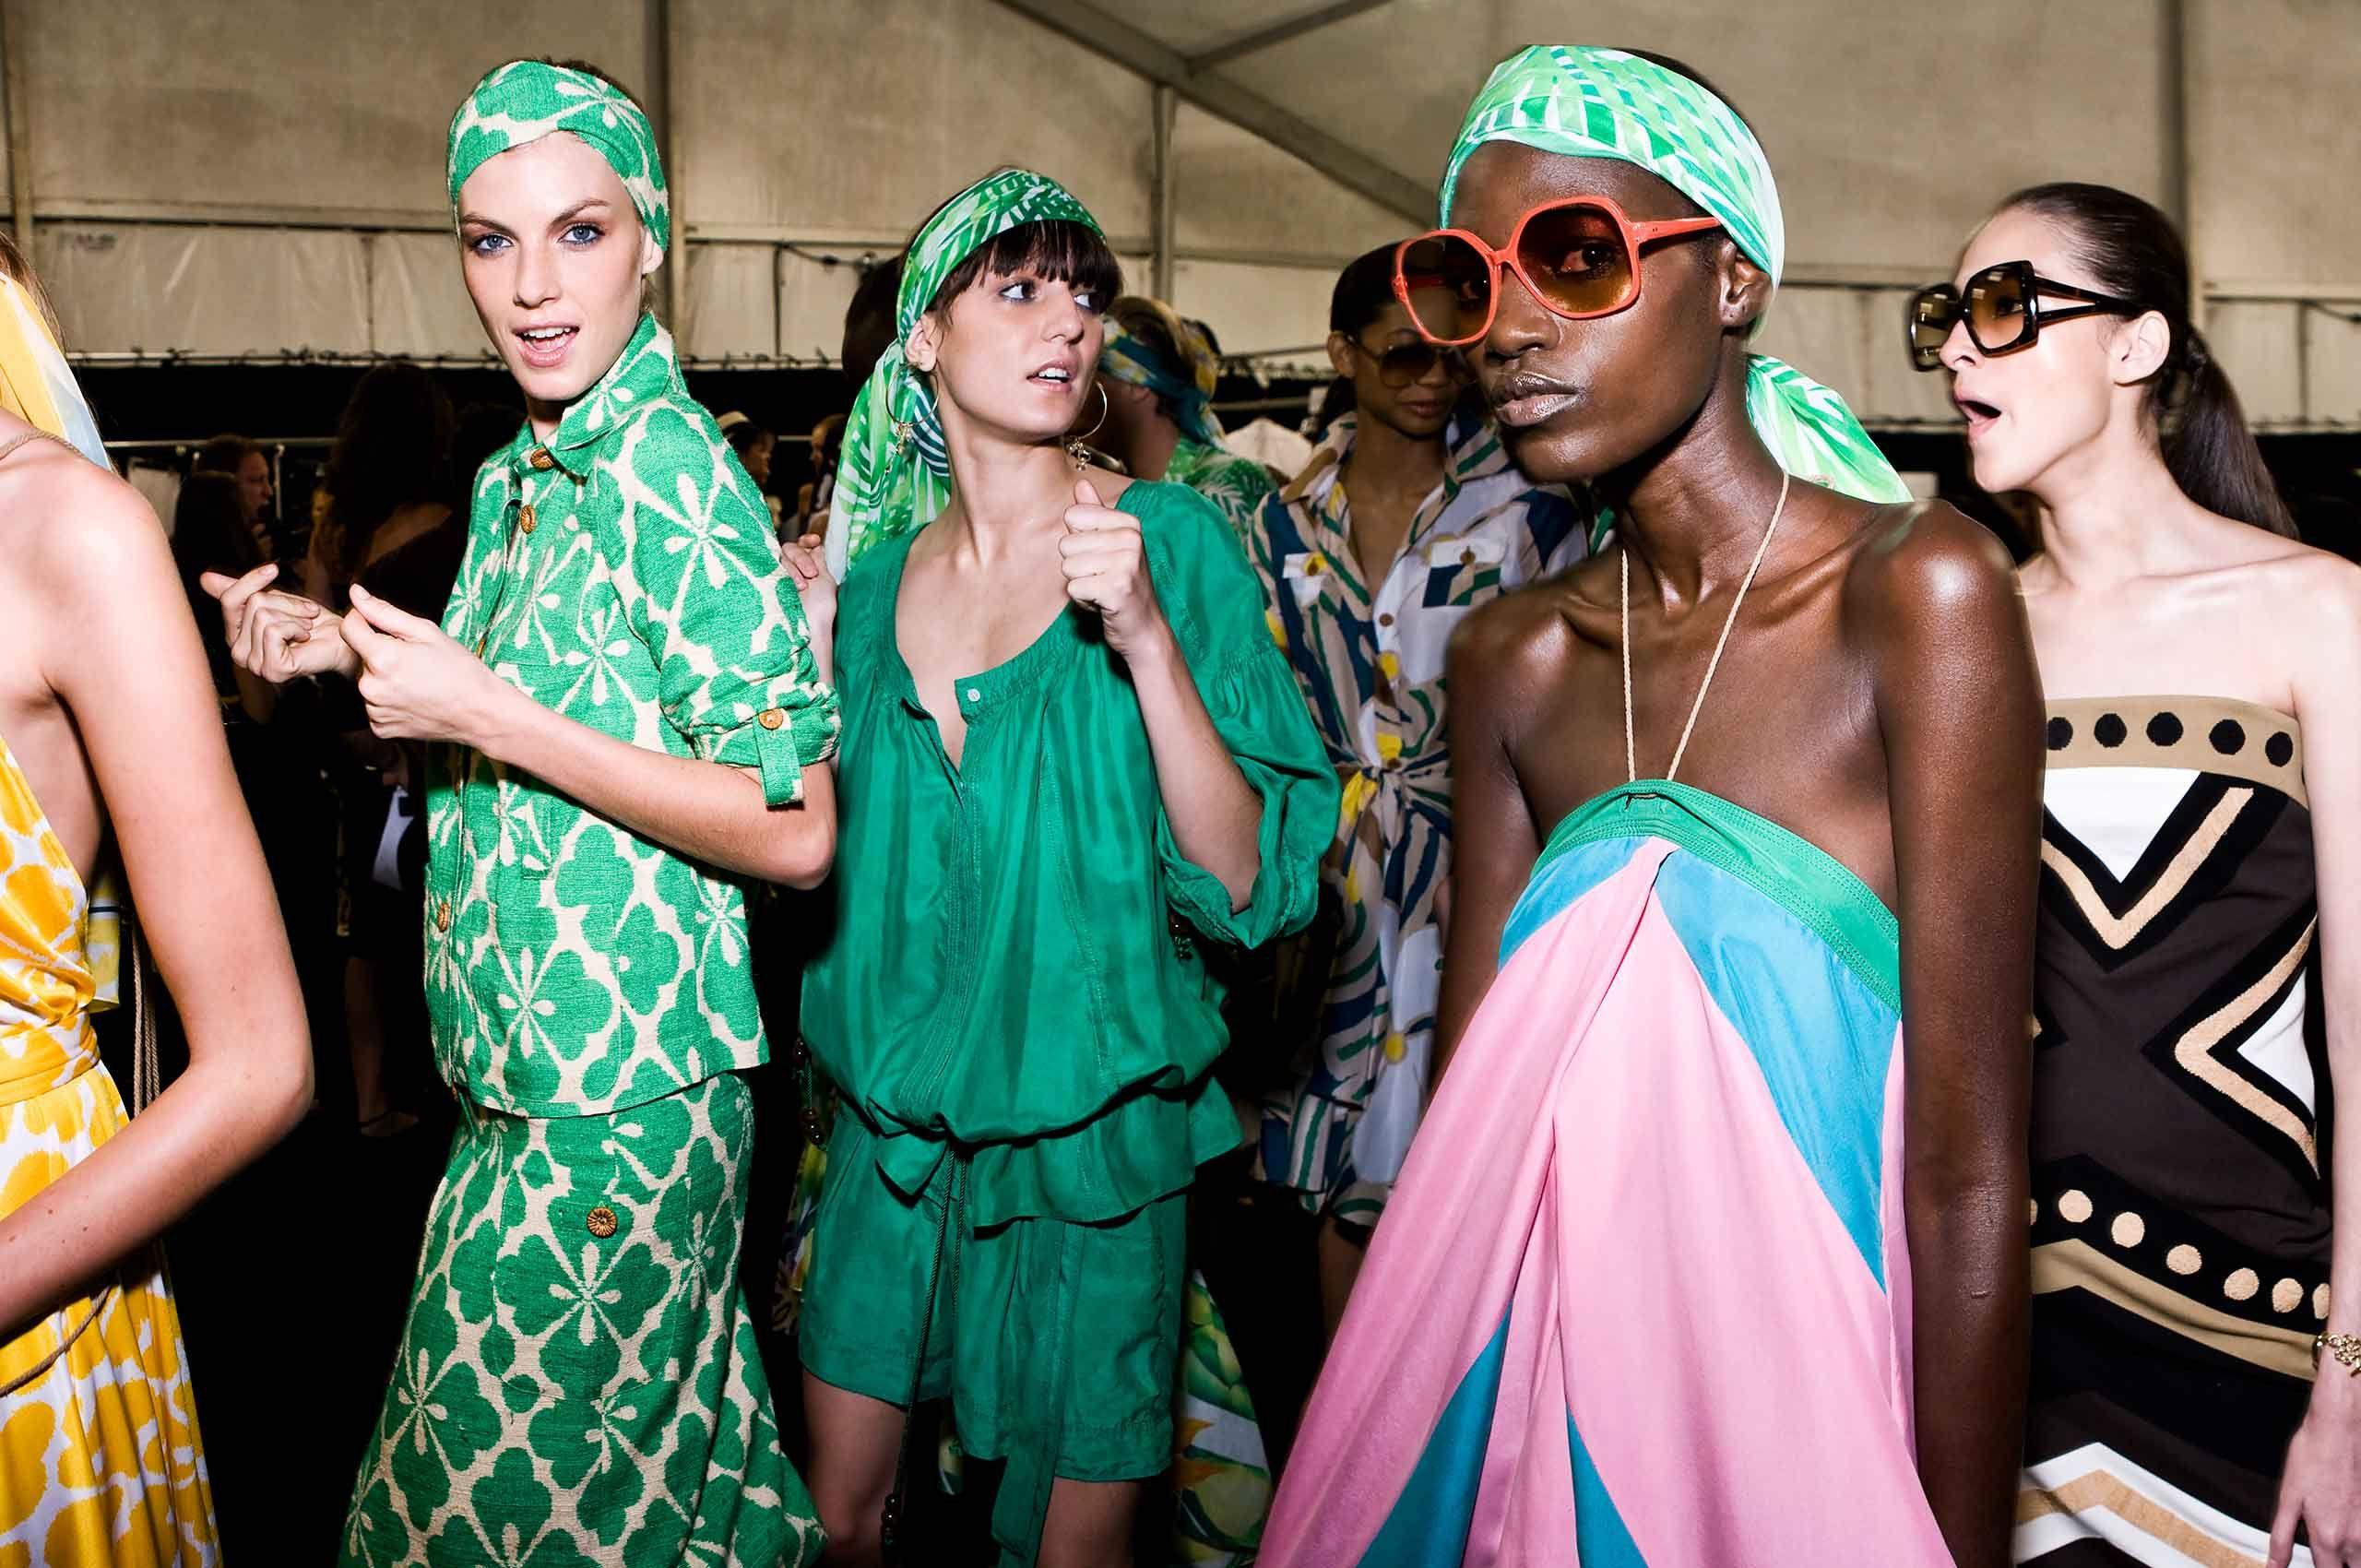 fashionweek-bts-dianvonfurstenburg-by-HenrikOlundPhotography.jpg